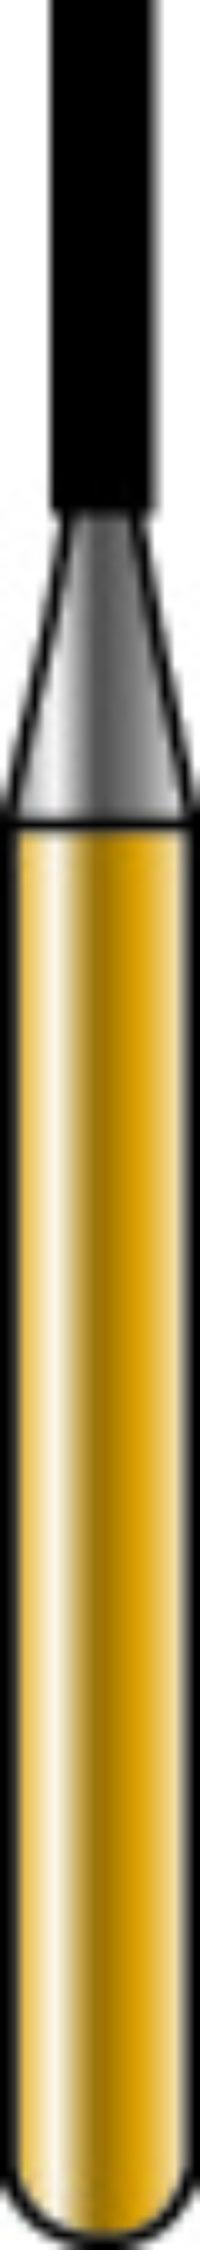 Cylinder Flat End X-Cut Golden Sharpie